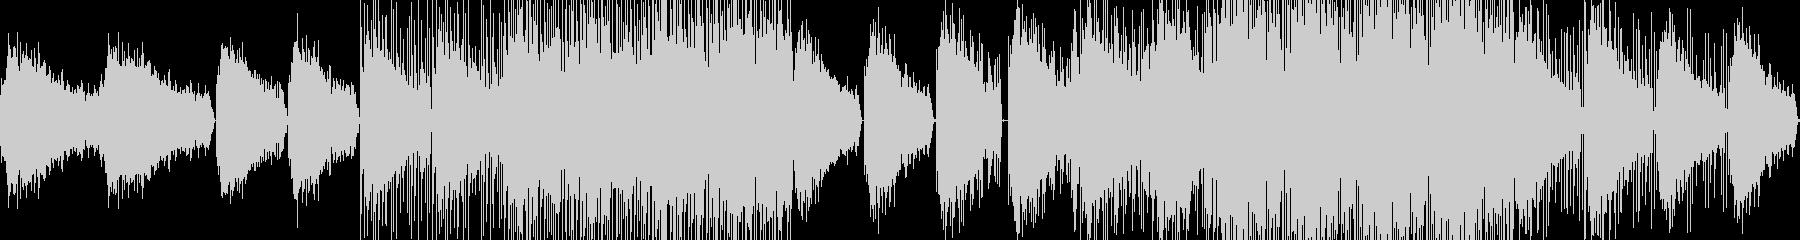 透明感と疾走感のあるドラムンベースの未再生の波形